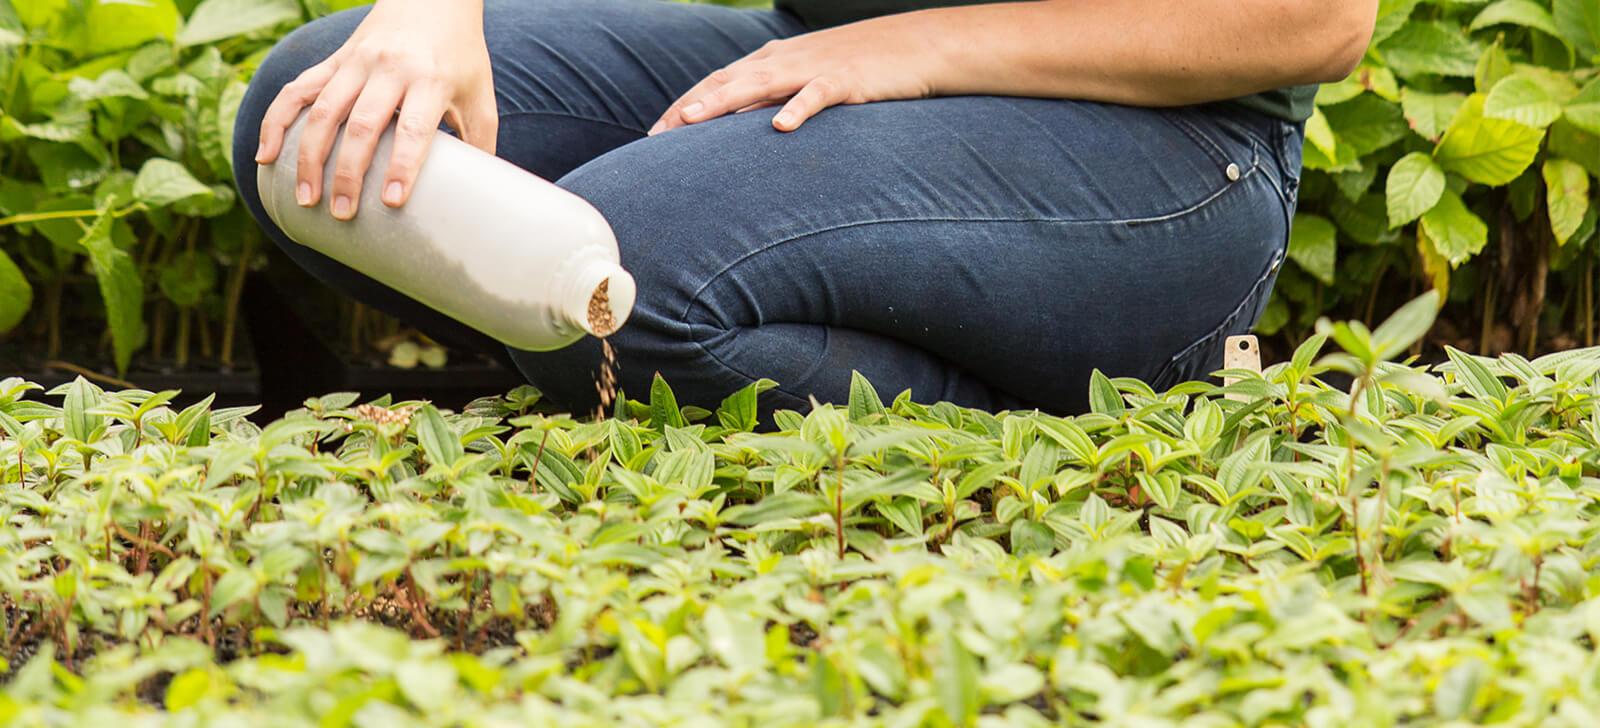 Controle Biológico Aplicado é Destaque em Simpósio do Agronegócio que acontecerá em Holambra